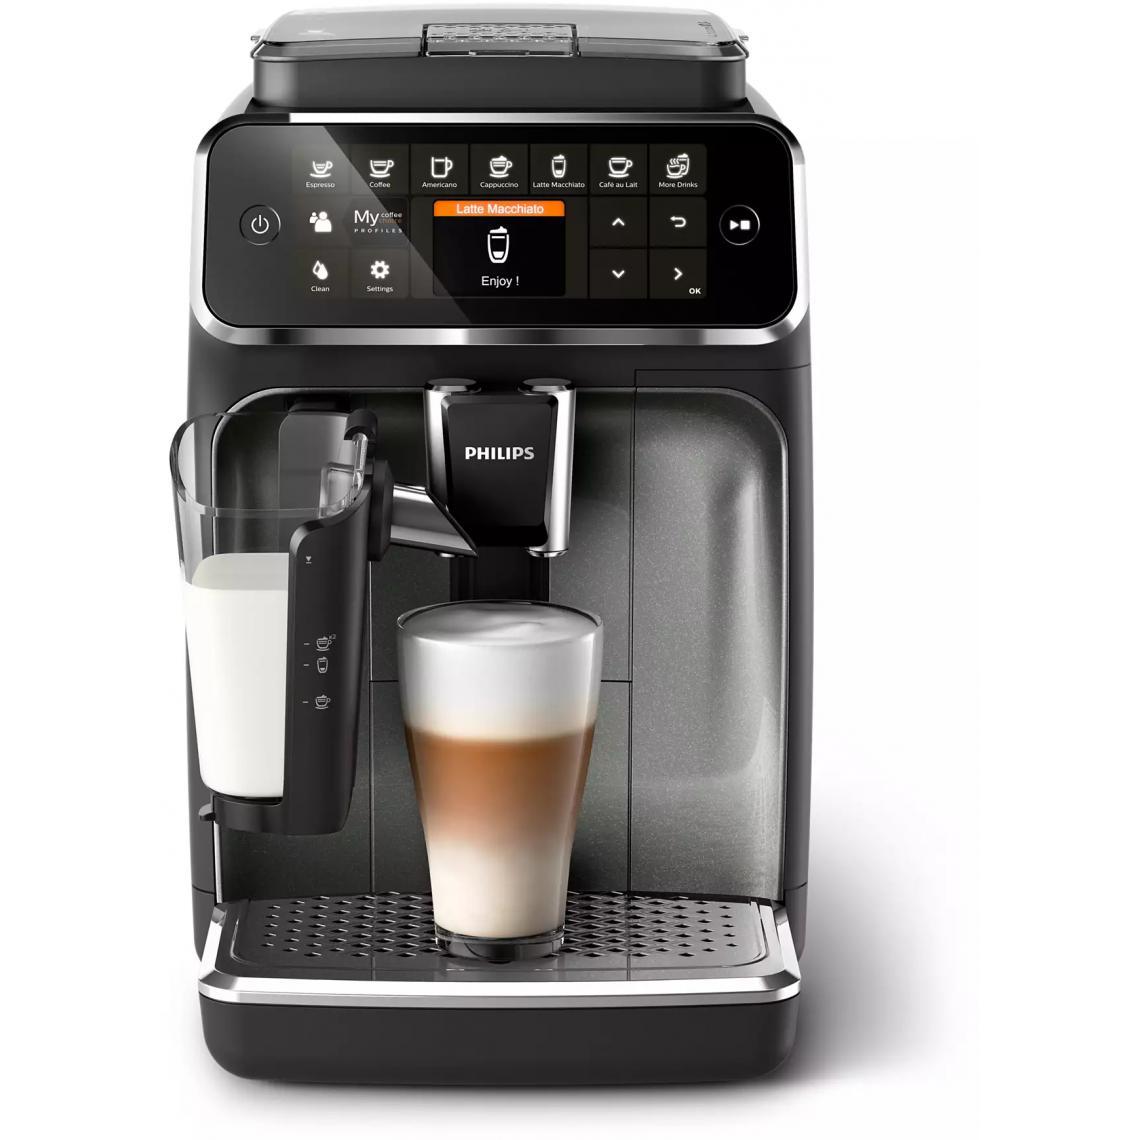 Philips Machine à café Expresso broyeur Série 4300 - EP4349/70 LatteGo - Noir